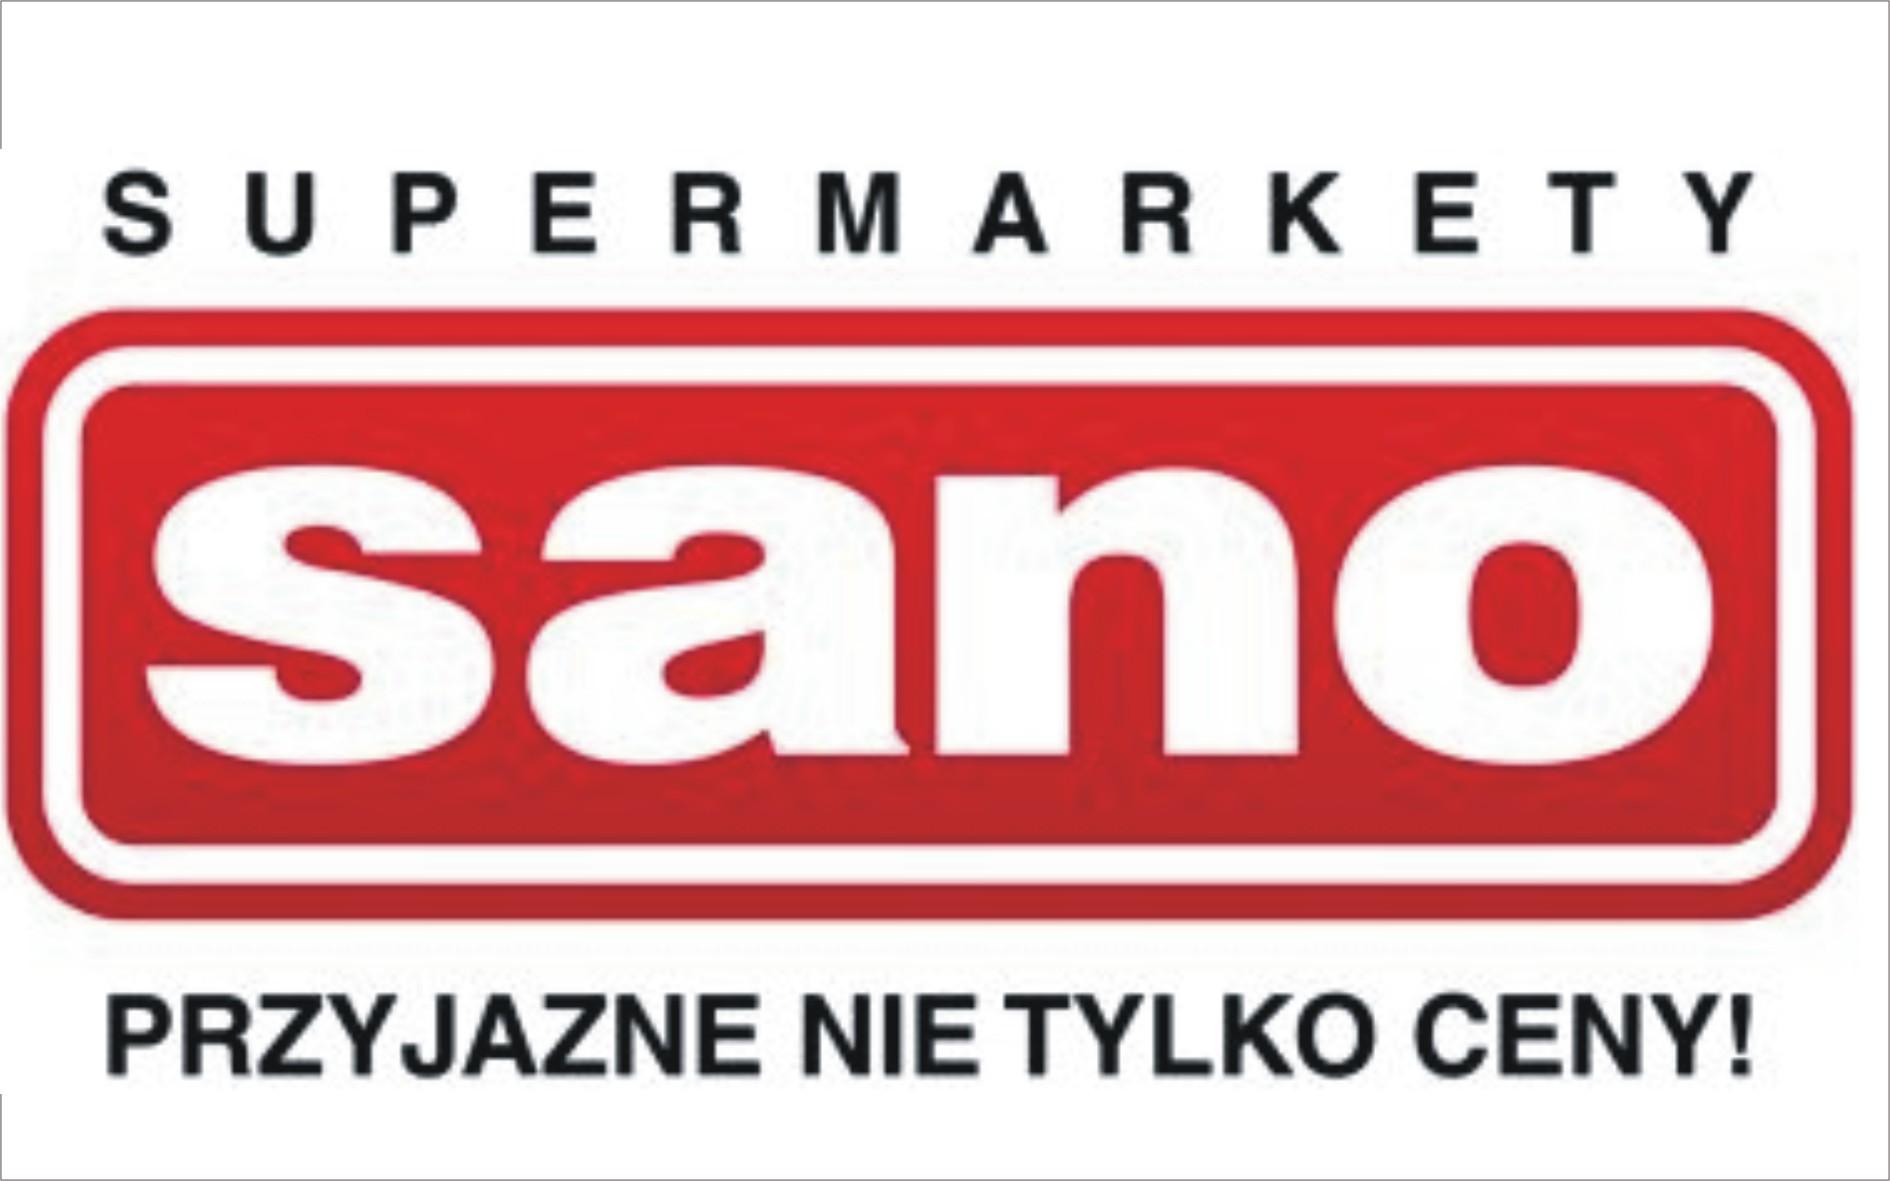 https://www.e-sano.pl/